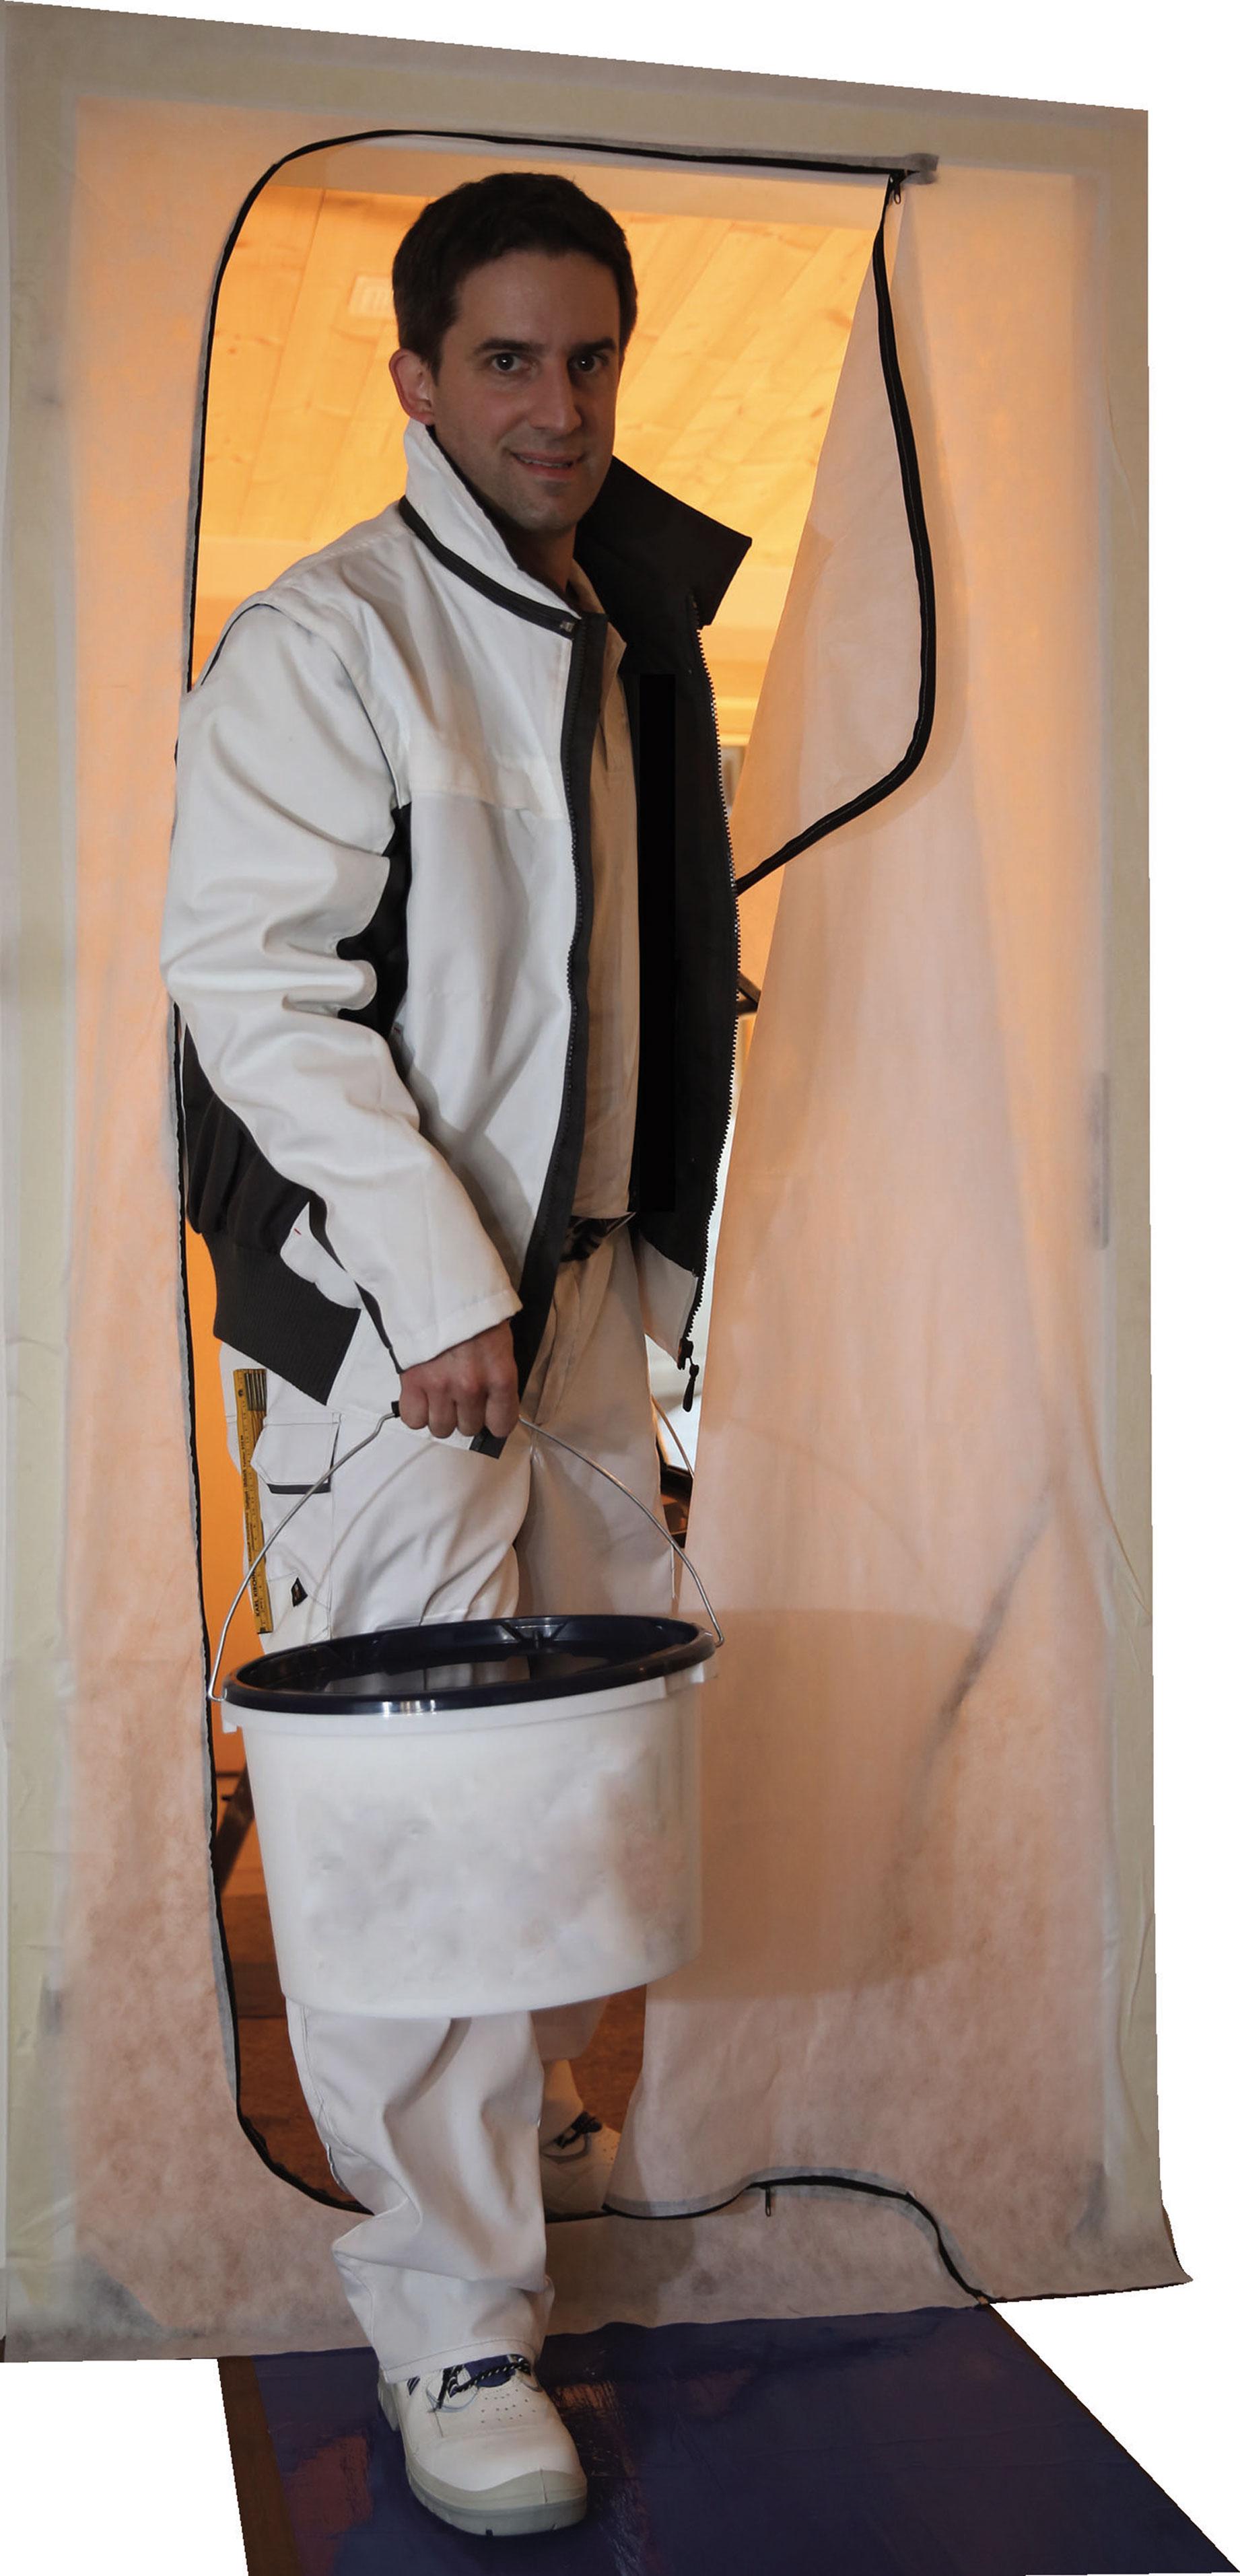 Kirchner Staubschutztür Duo - für jede Tür bis max. 100 x 210 cm geeignet